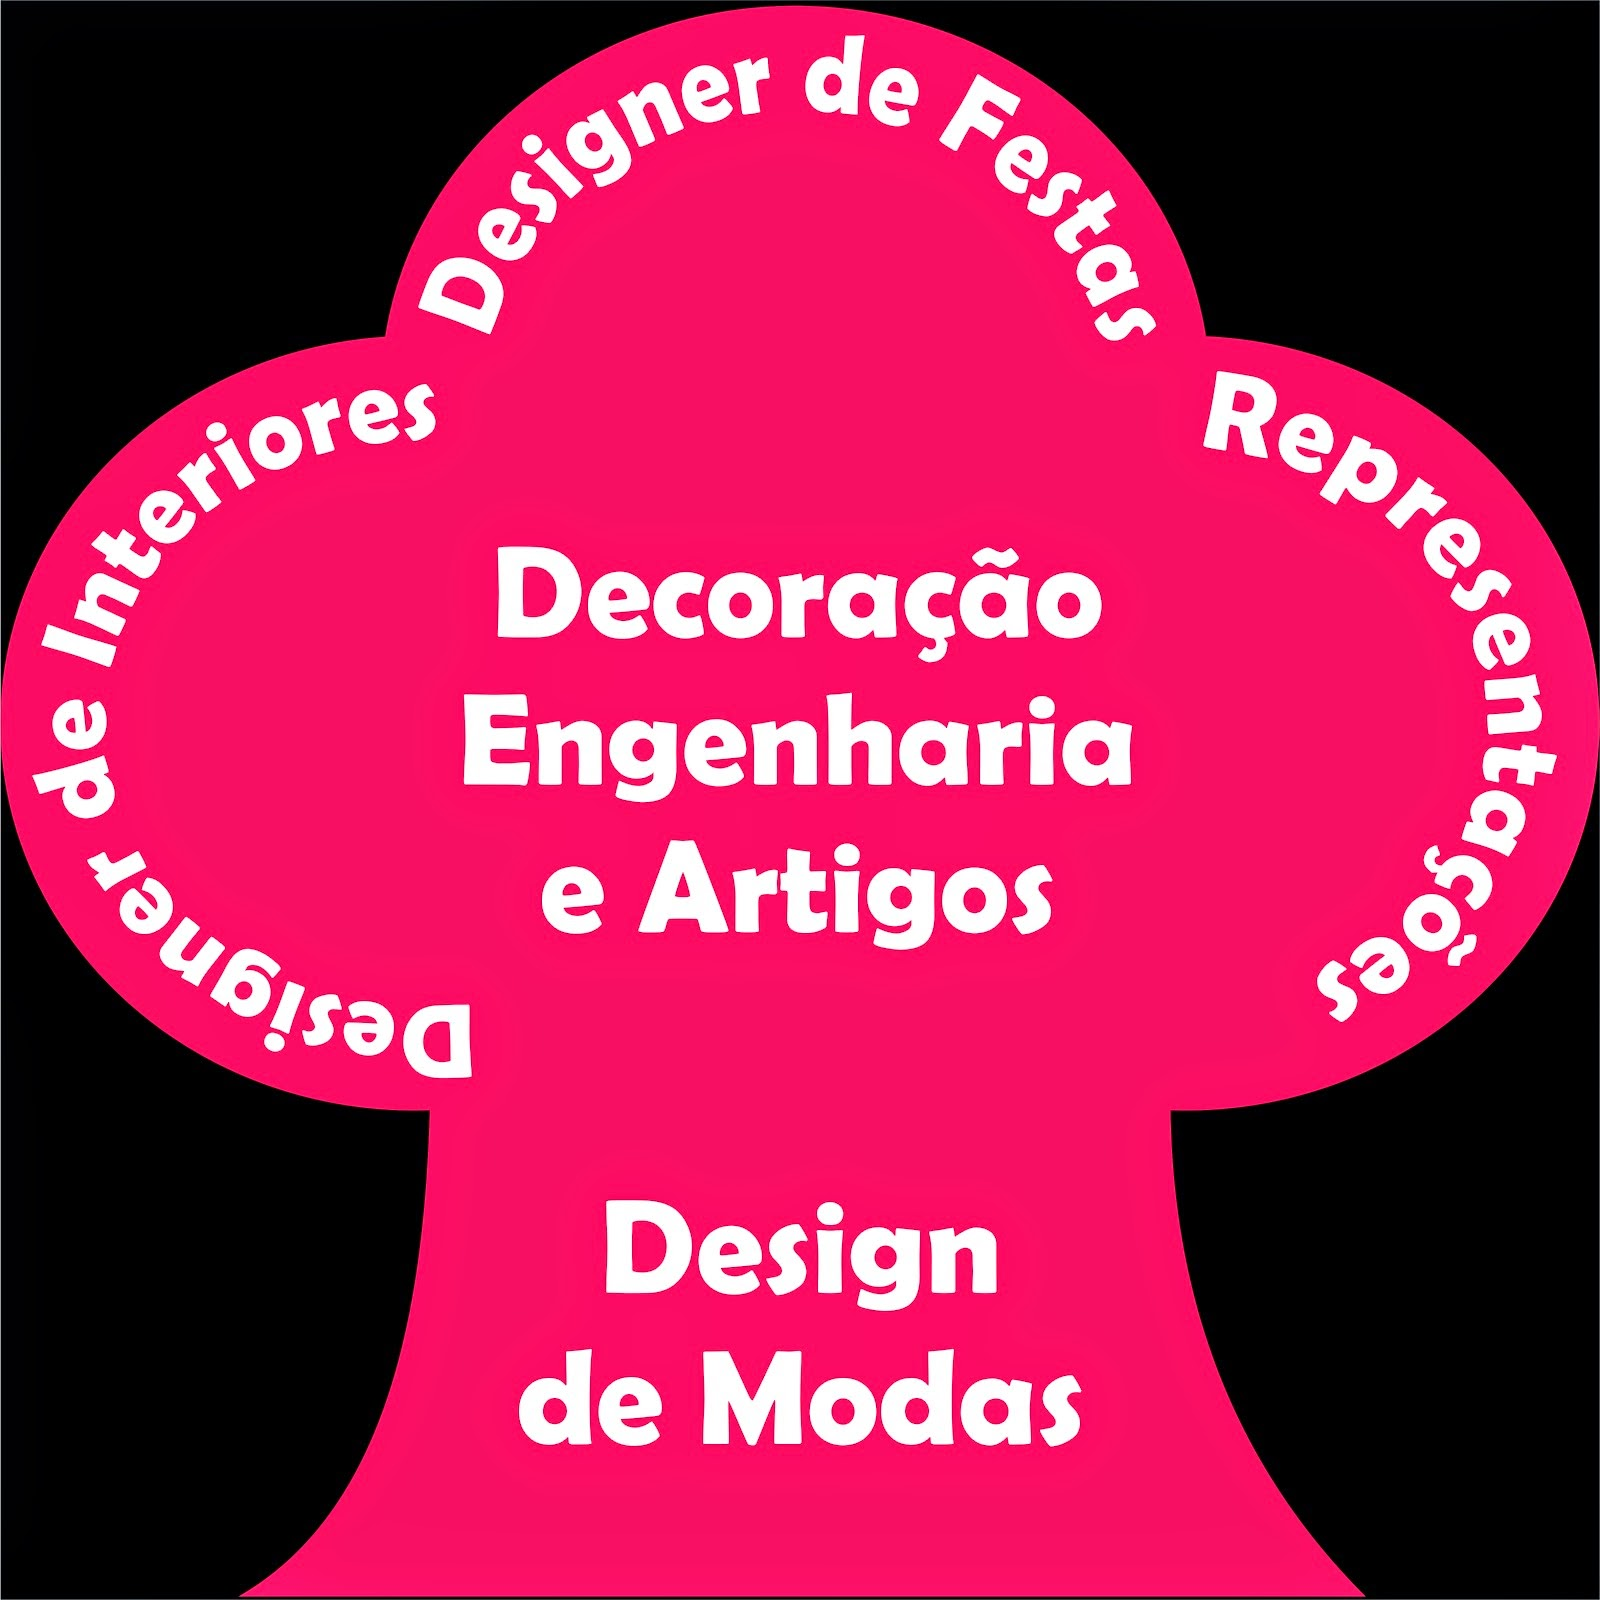 Decoração  Engenharia e Artigos